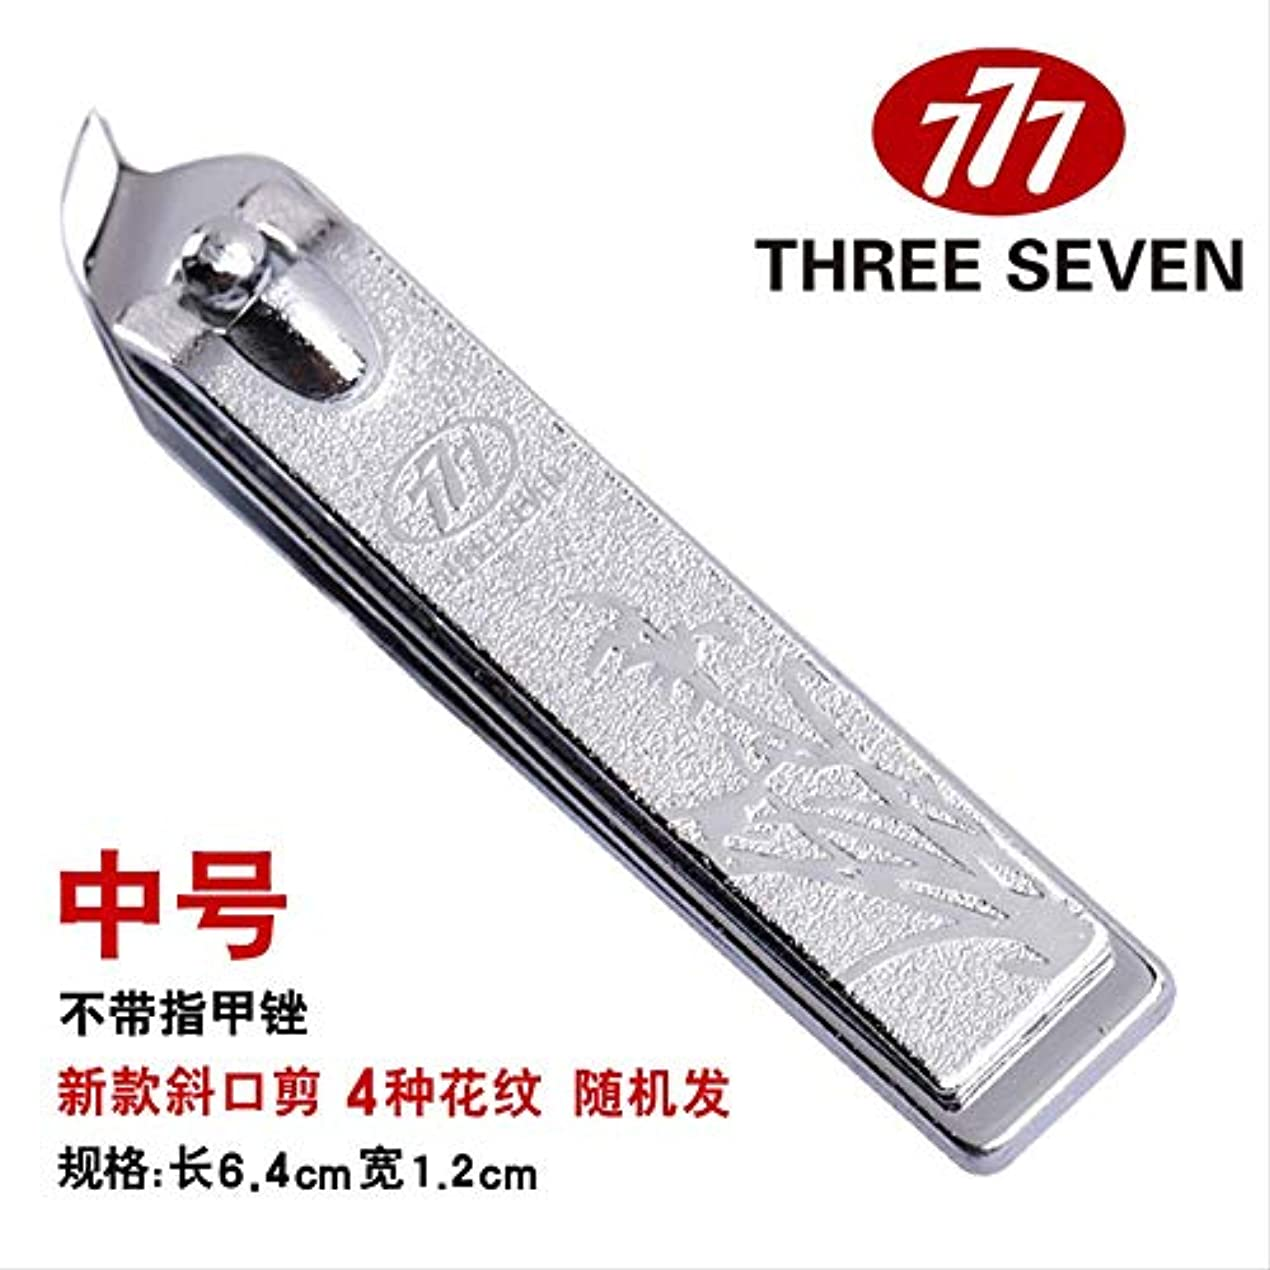 共感するプラスチックほこりっぽい韓国777爪切りはさみ元平口斜め爪切り小さな爪切り大本物 CT-121YAG